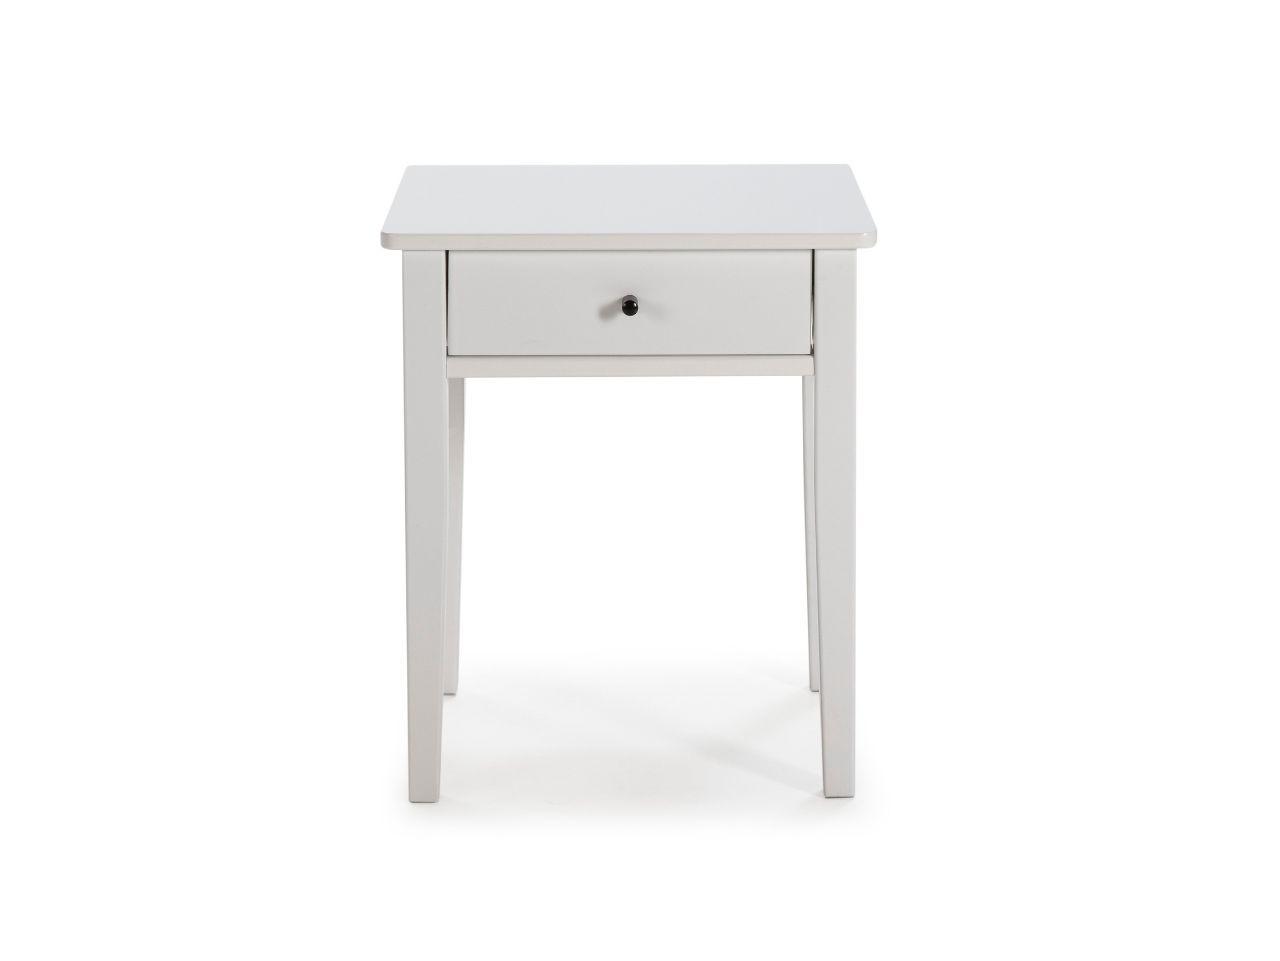 Sillas tapizadas modernas awesome butacas with sillas for Mesas y sillas modernas